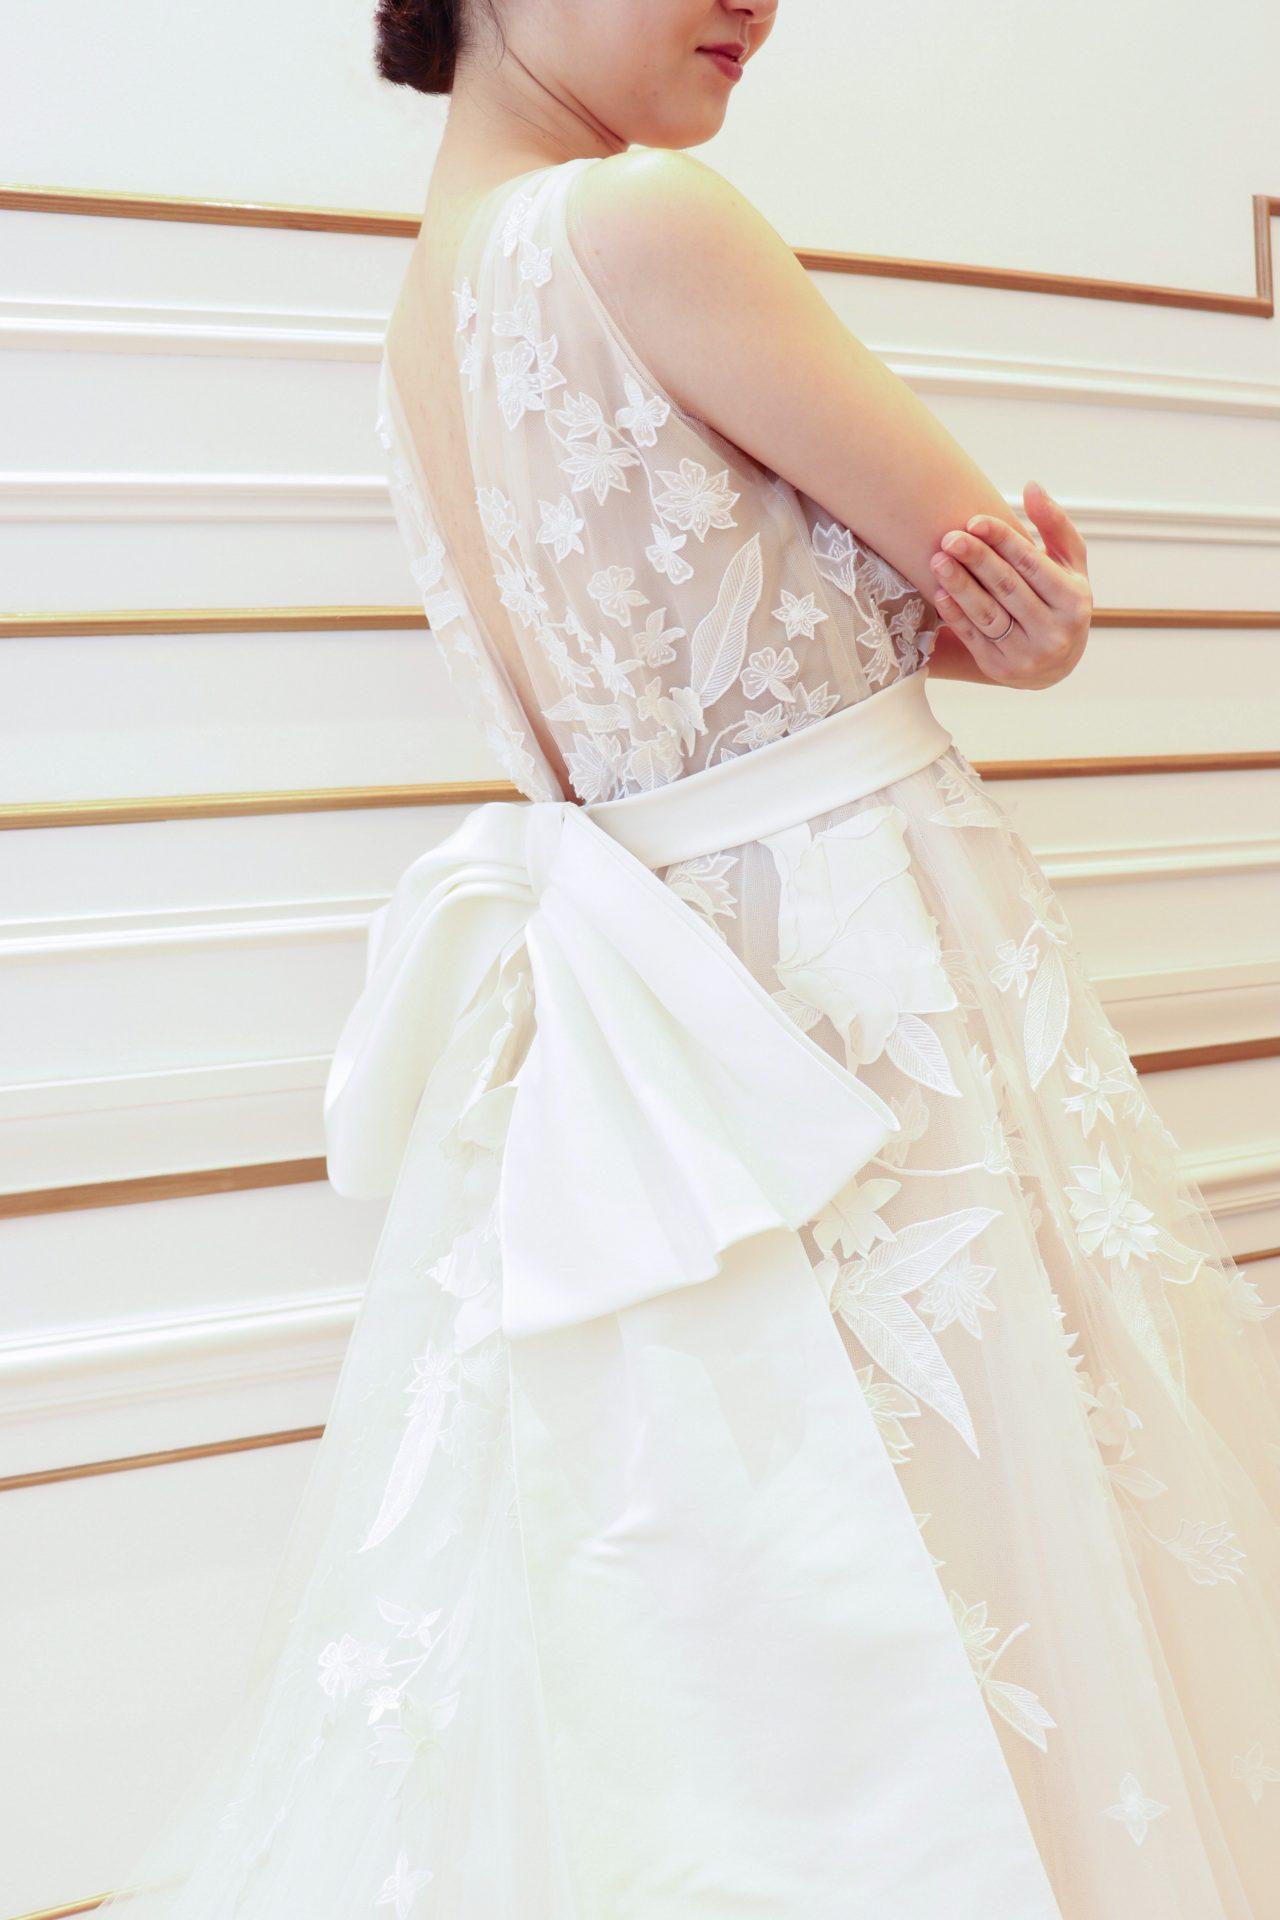 ザトリートドレッシングに入荷したオスカーデラレンタの新作のウェディングドレス